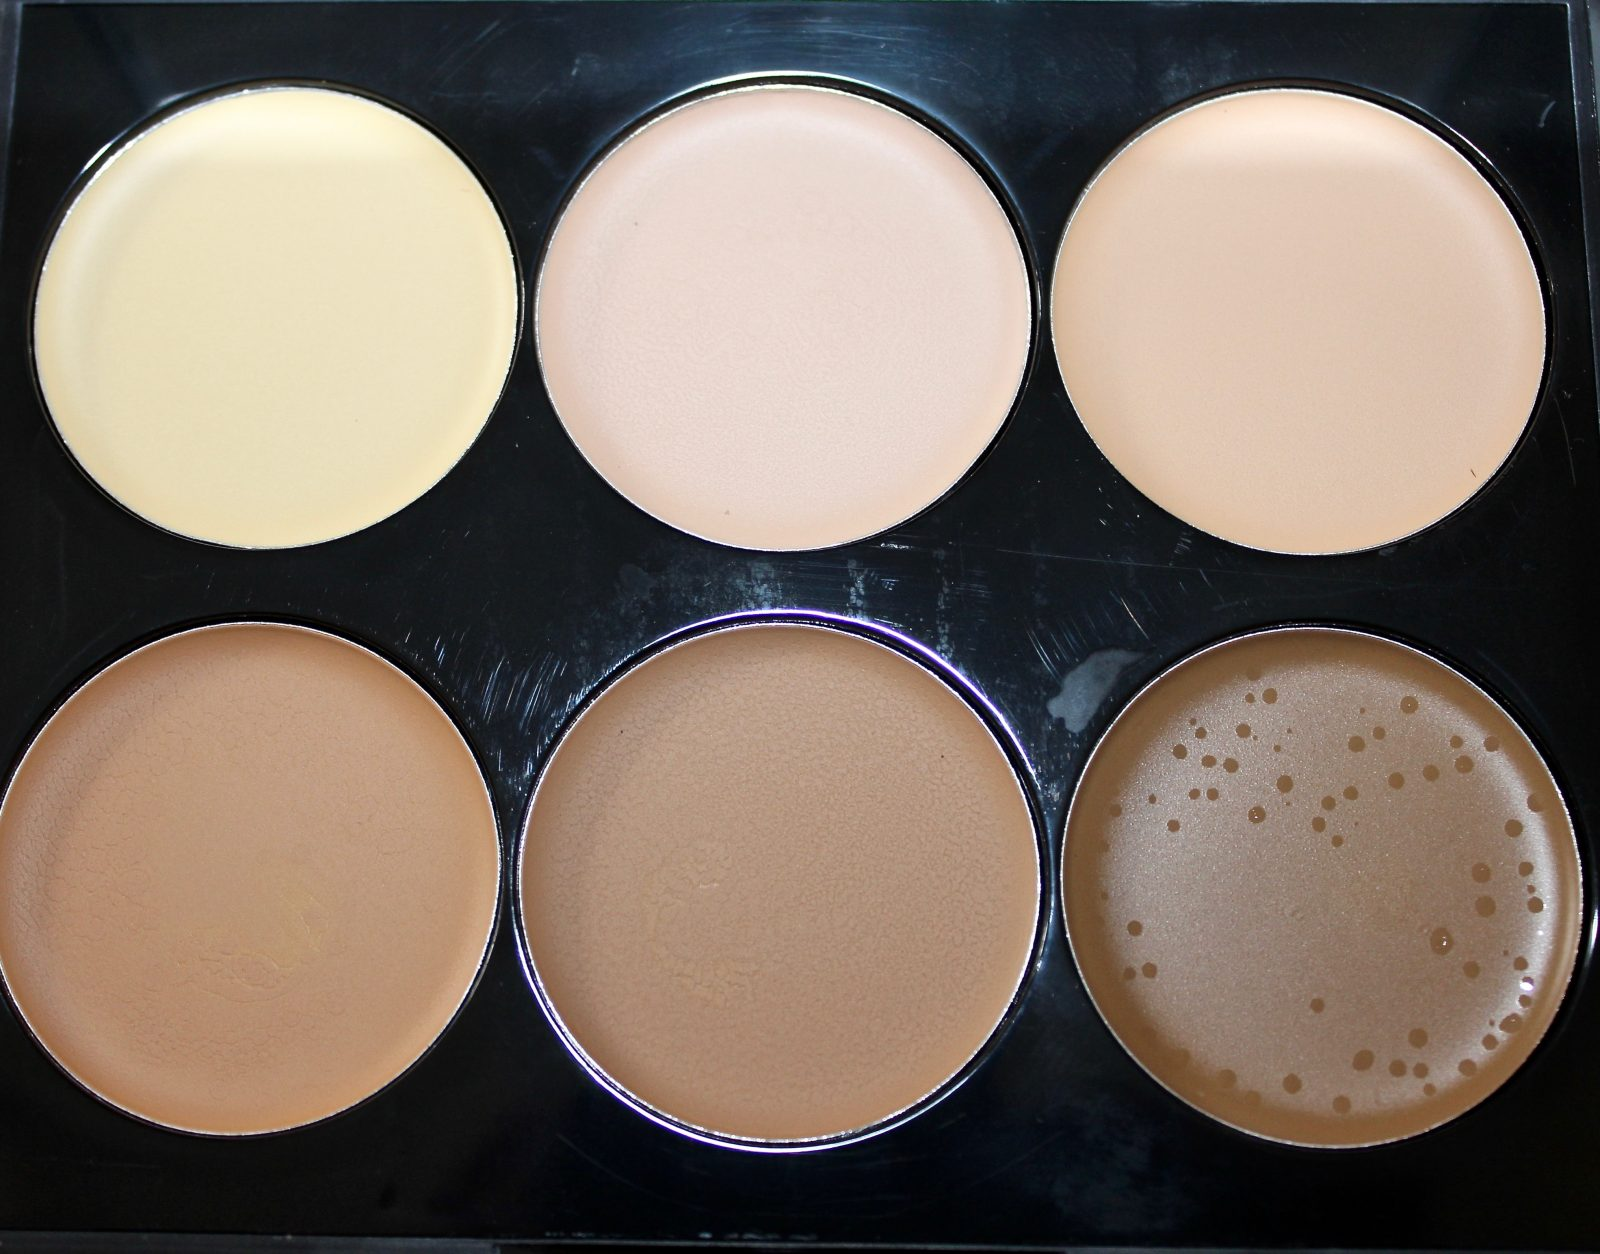 Sleek Cream Contour Kit Irish Beauty Blog Beautynook